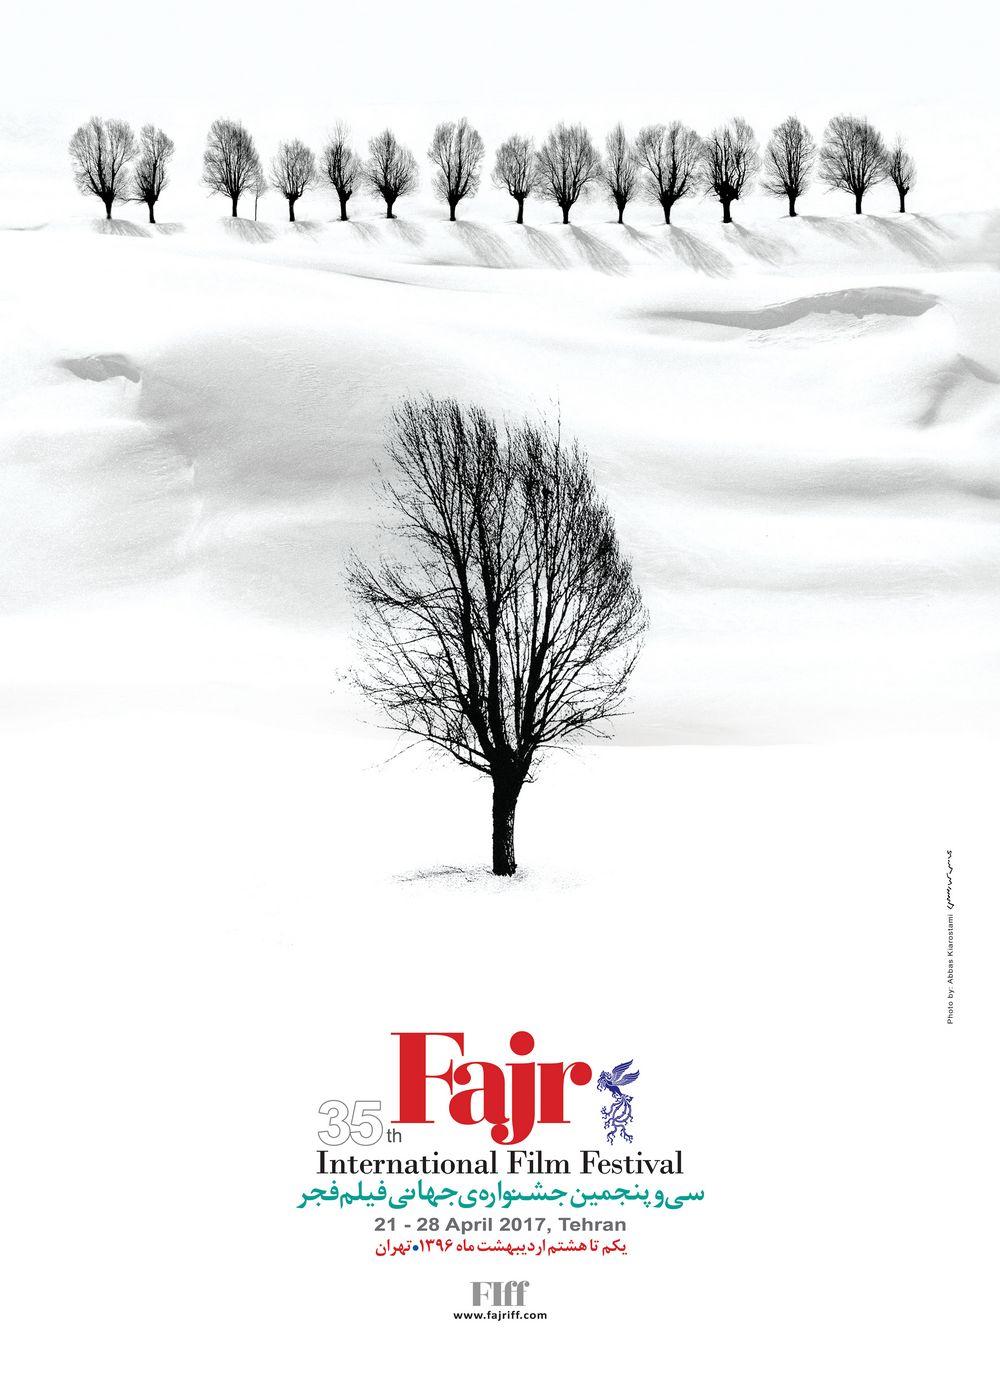 سی و پنجمین جشنواره بین المللی فیلم فجر